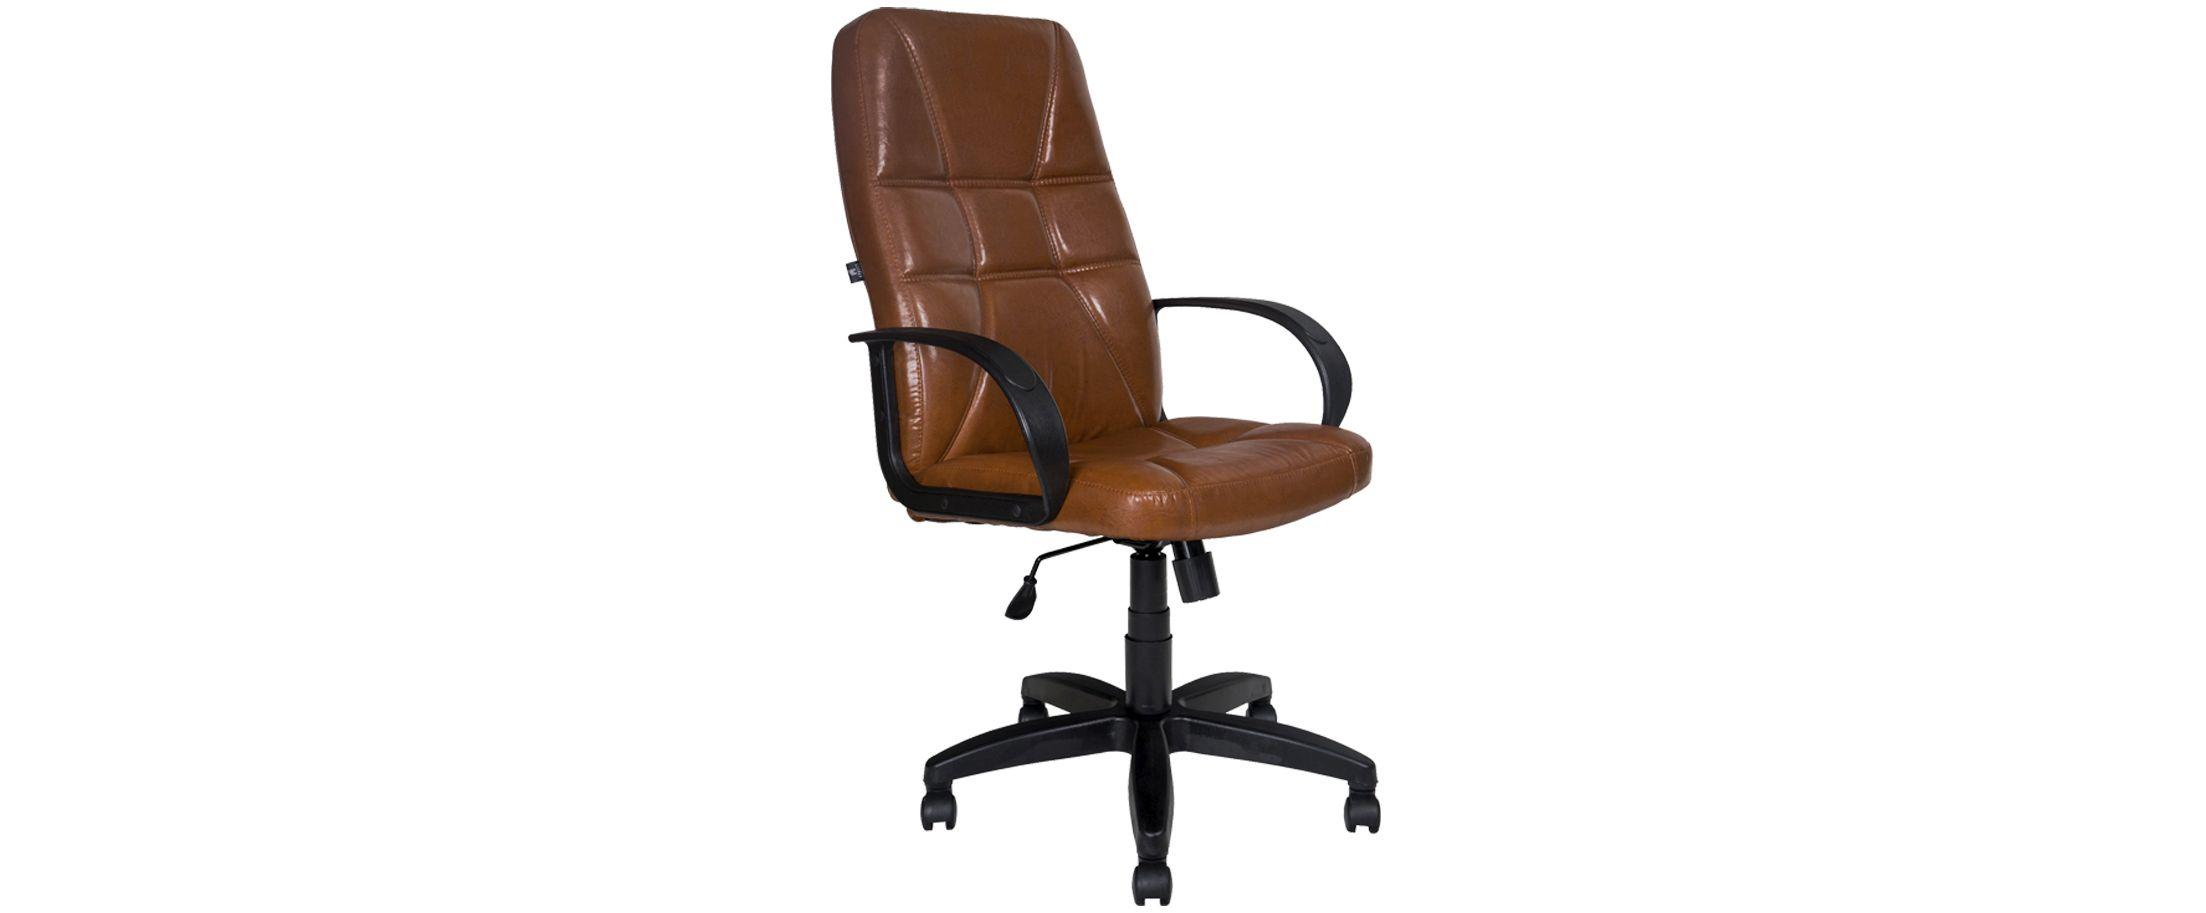 Кресло офисное AV 114 из экокожи цвет коньяк Модель 999 от MOON TRADE